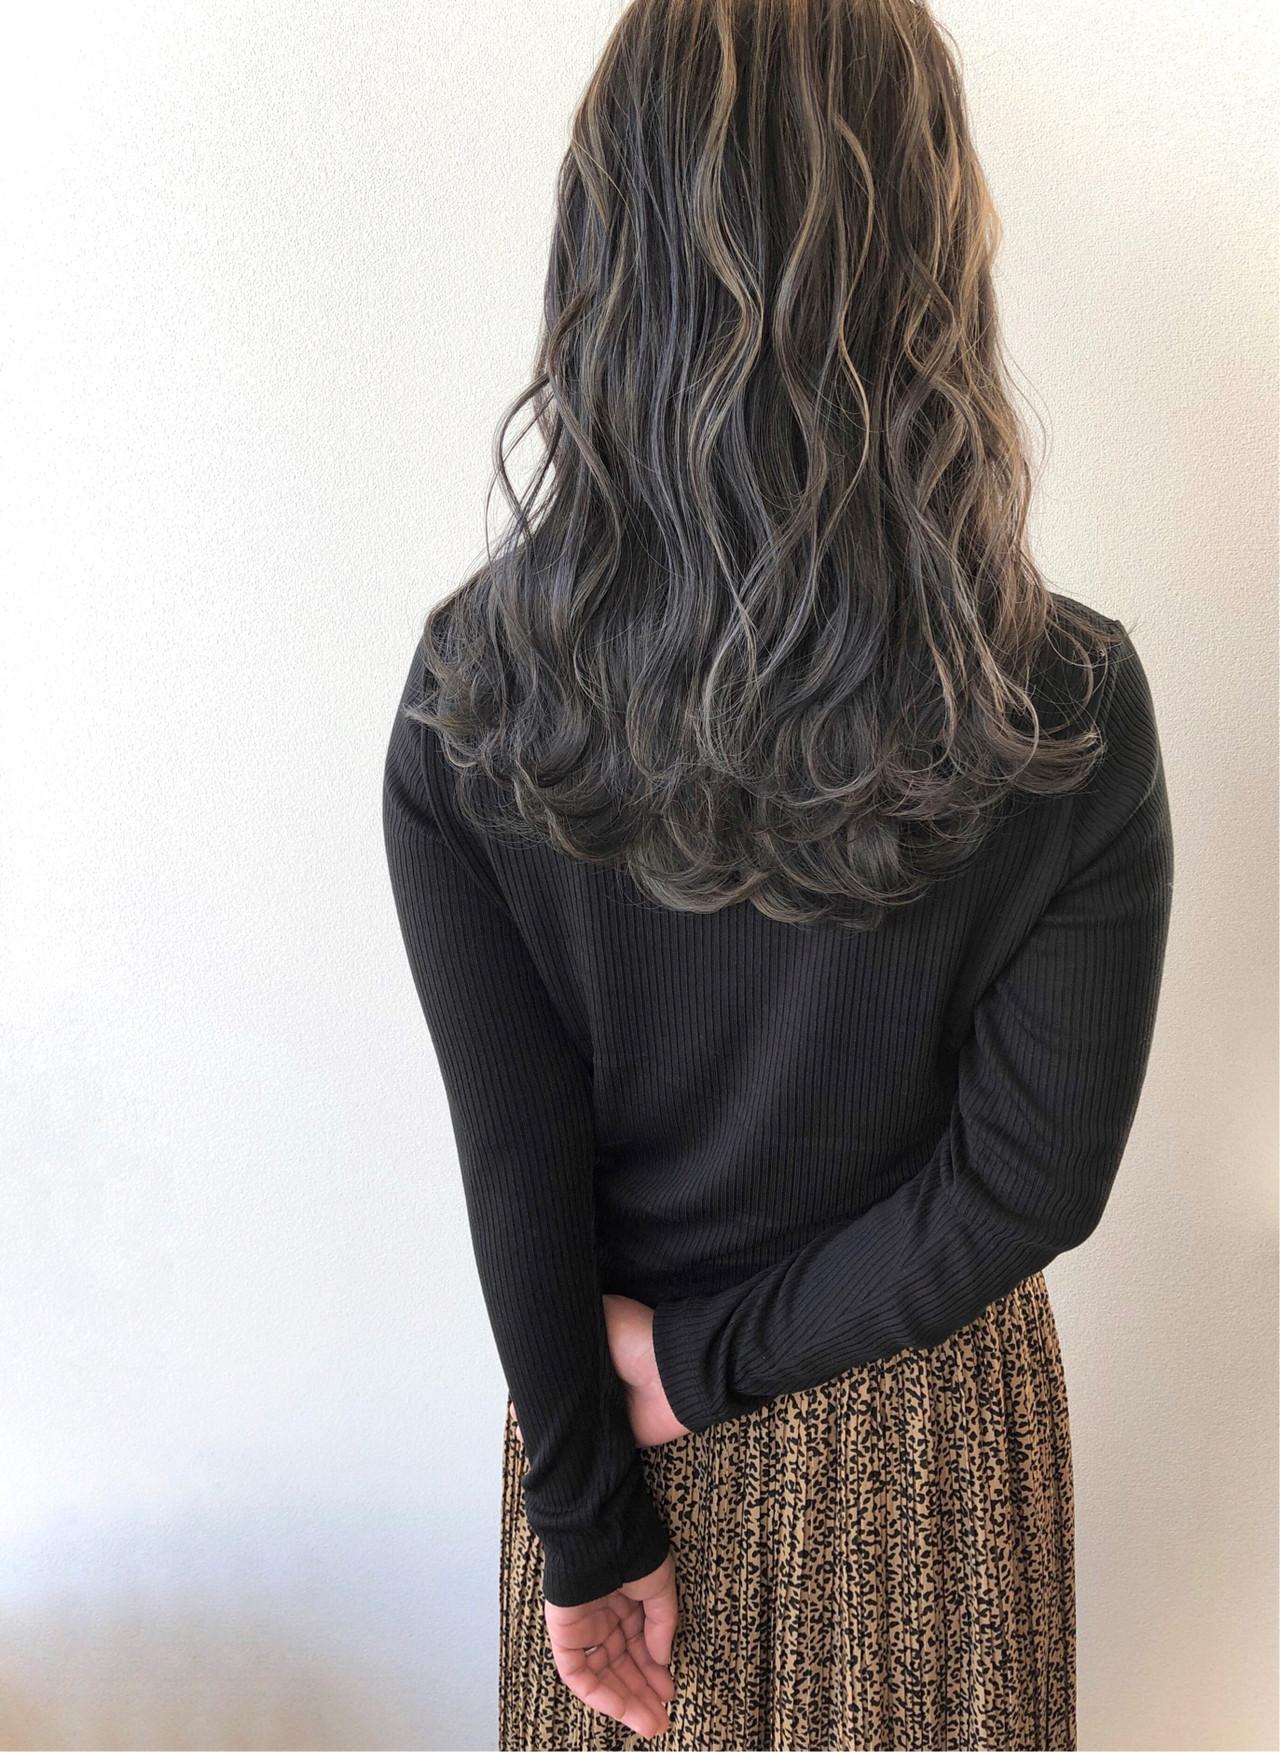 ダークグレー コンサバ 波ウェーブ ロング ヘアスタイルや髪型の写真・画像